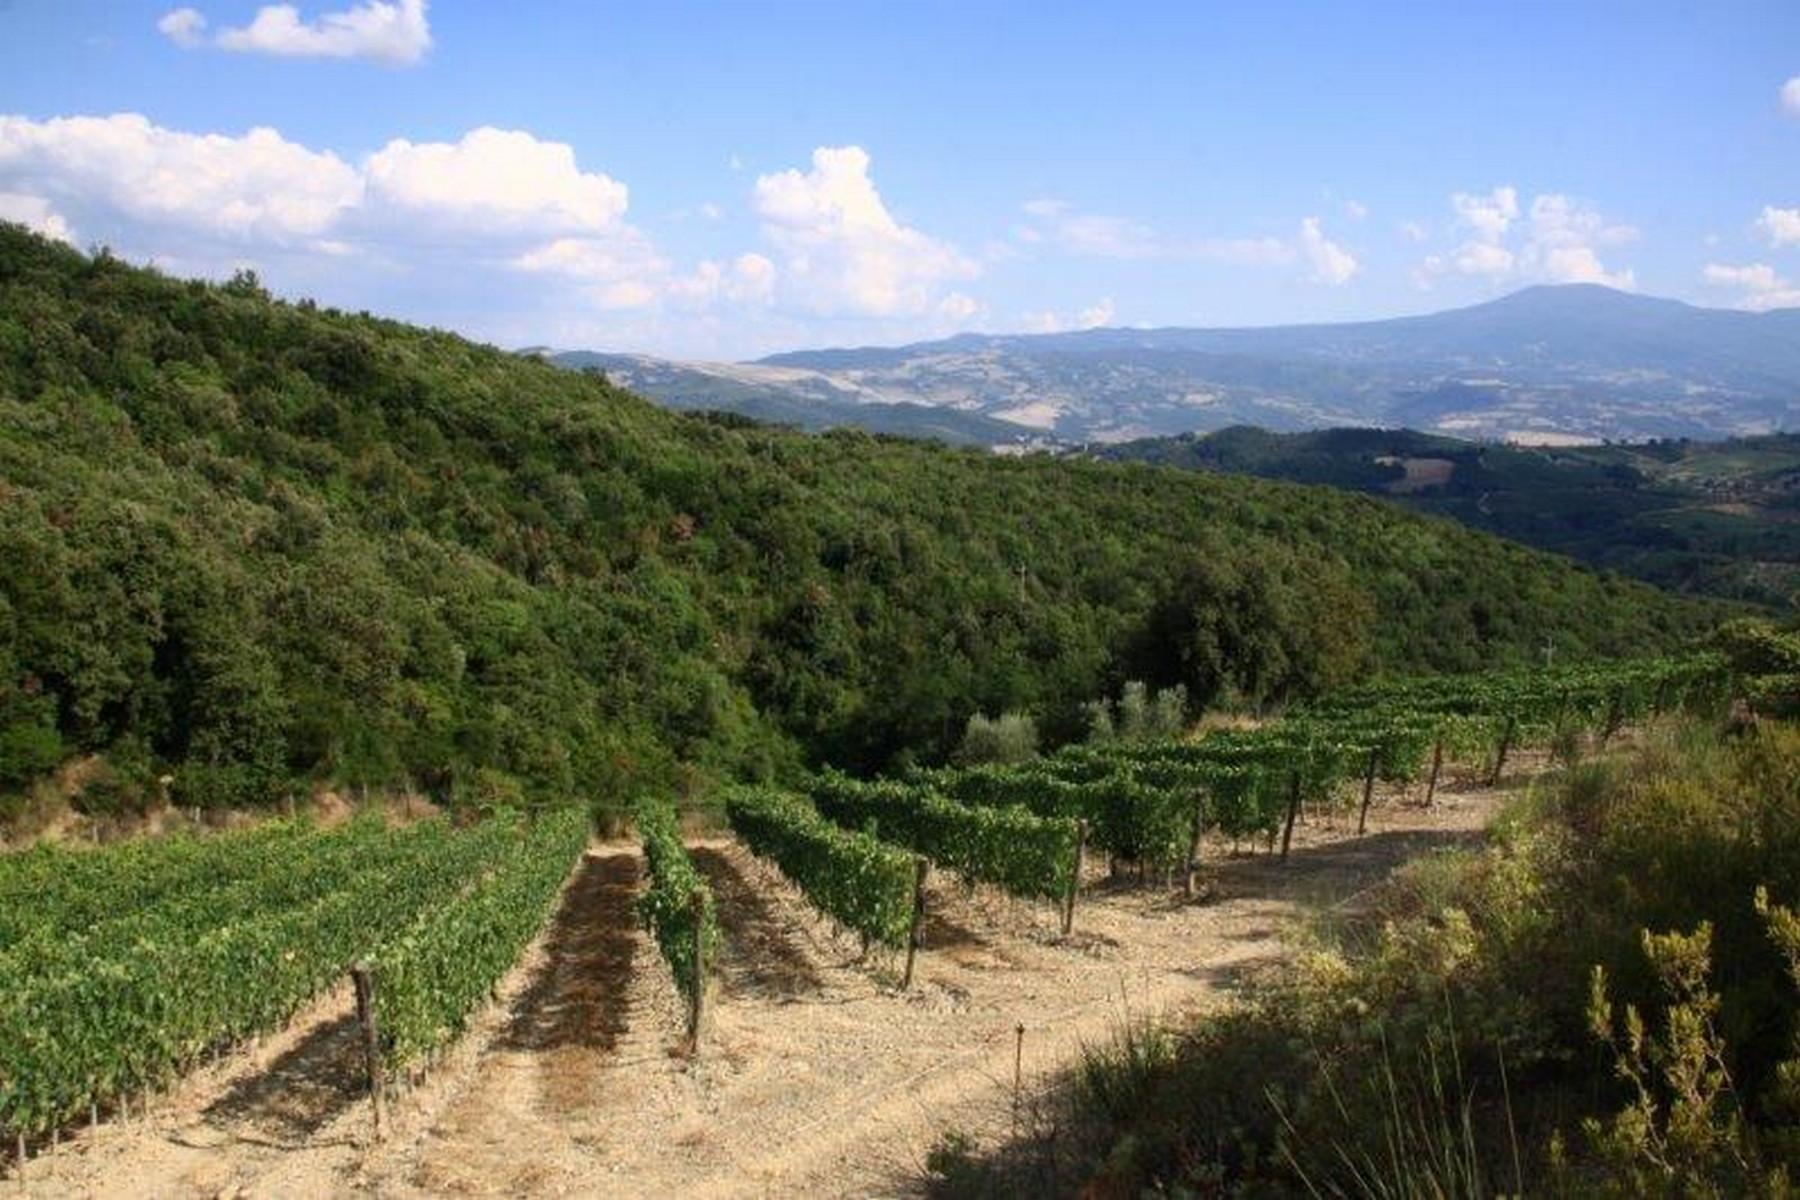 Casa Unifamiliar por un Venta en Prosperous winery in Montalcino Piazza del popolo Montalcino, Siena 53024 Italia